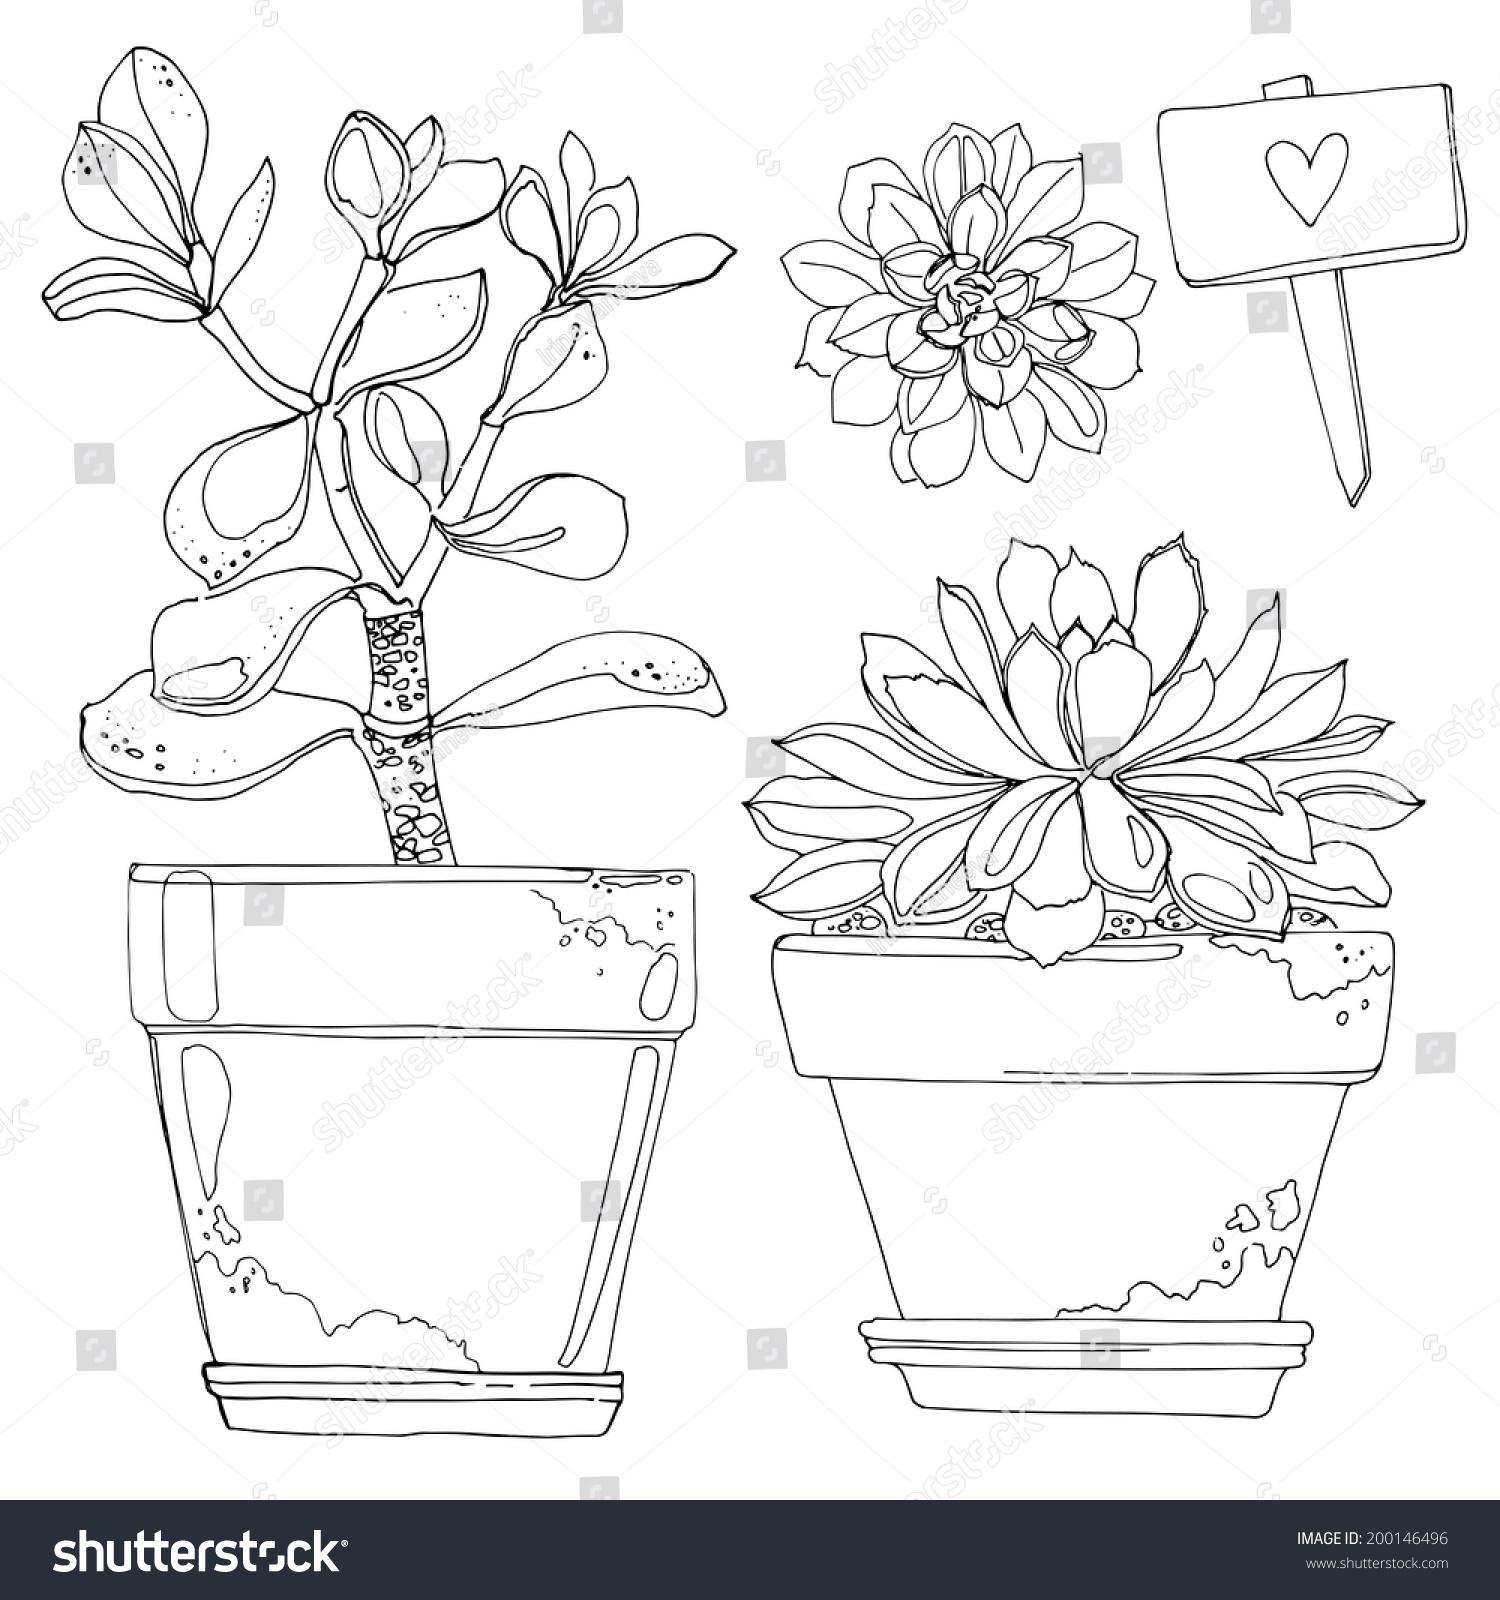 要求有两种元素植物动物的画